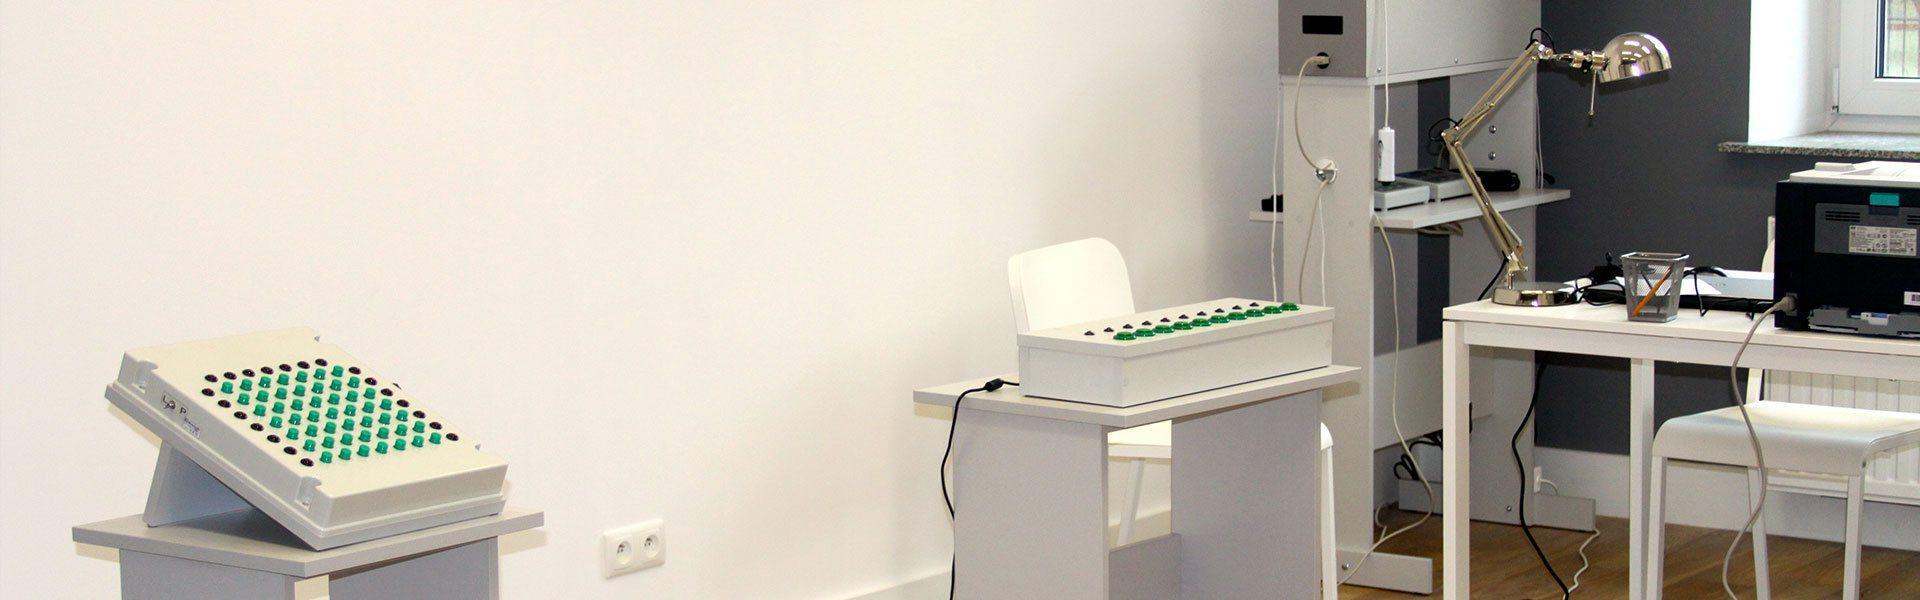 Badania psychologiczne operatorów maszyn